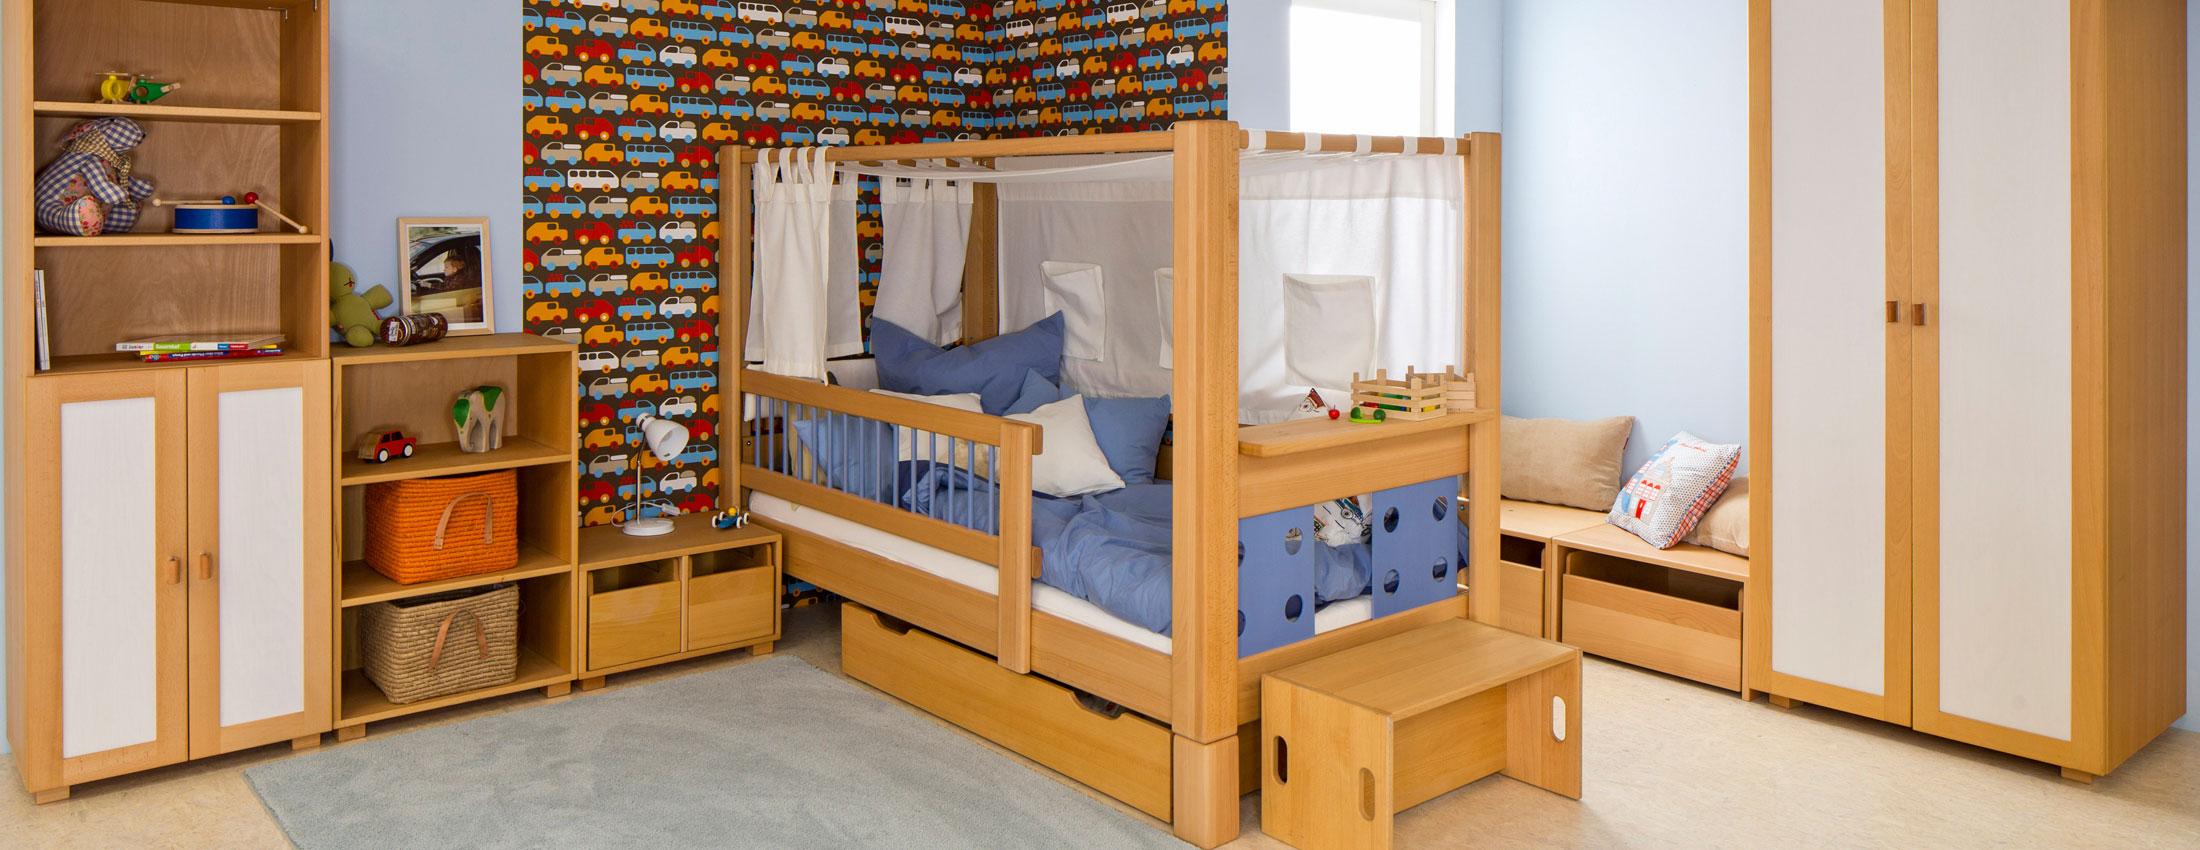 Full Size of Coole Betten Kindermbel Mitwachsend Bei Ikea Ebay Mädchen Musterring Antike Schlafzimmer 180x200 Münster Ausgefallene Jabo Massivholz Berlin Günstige Für Bett Coole Betten